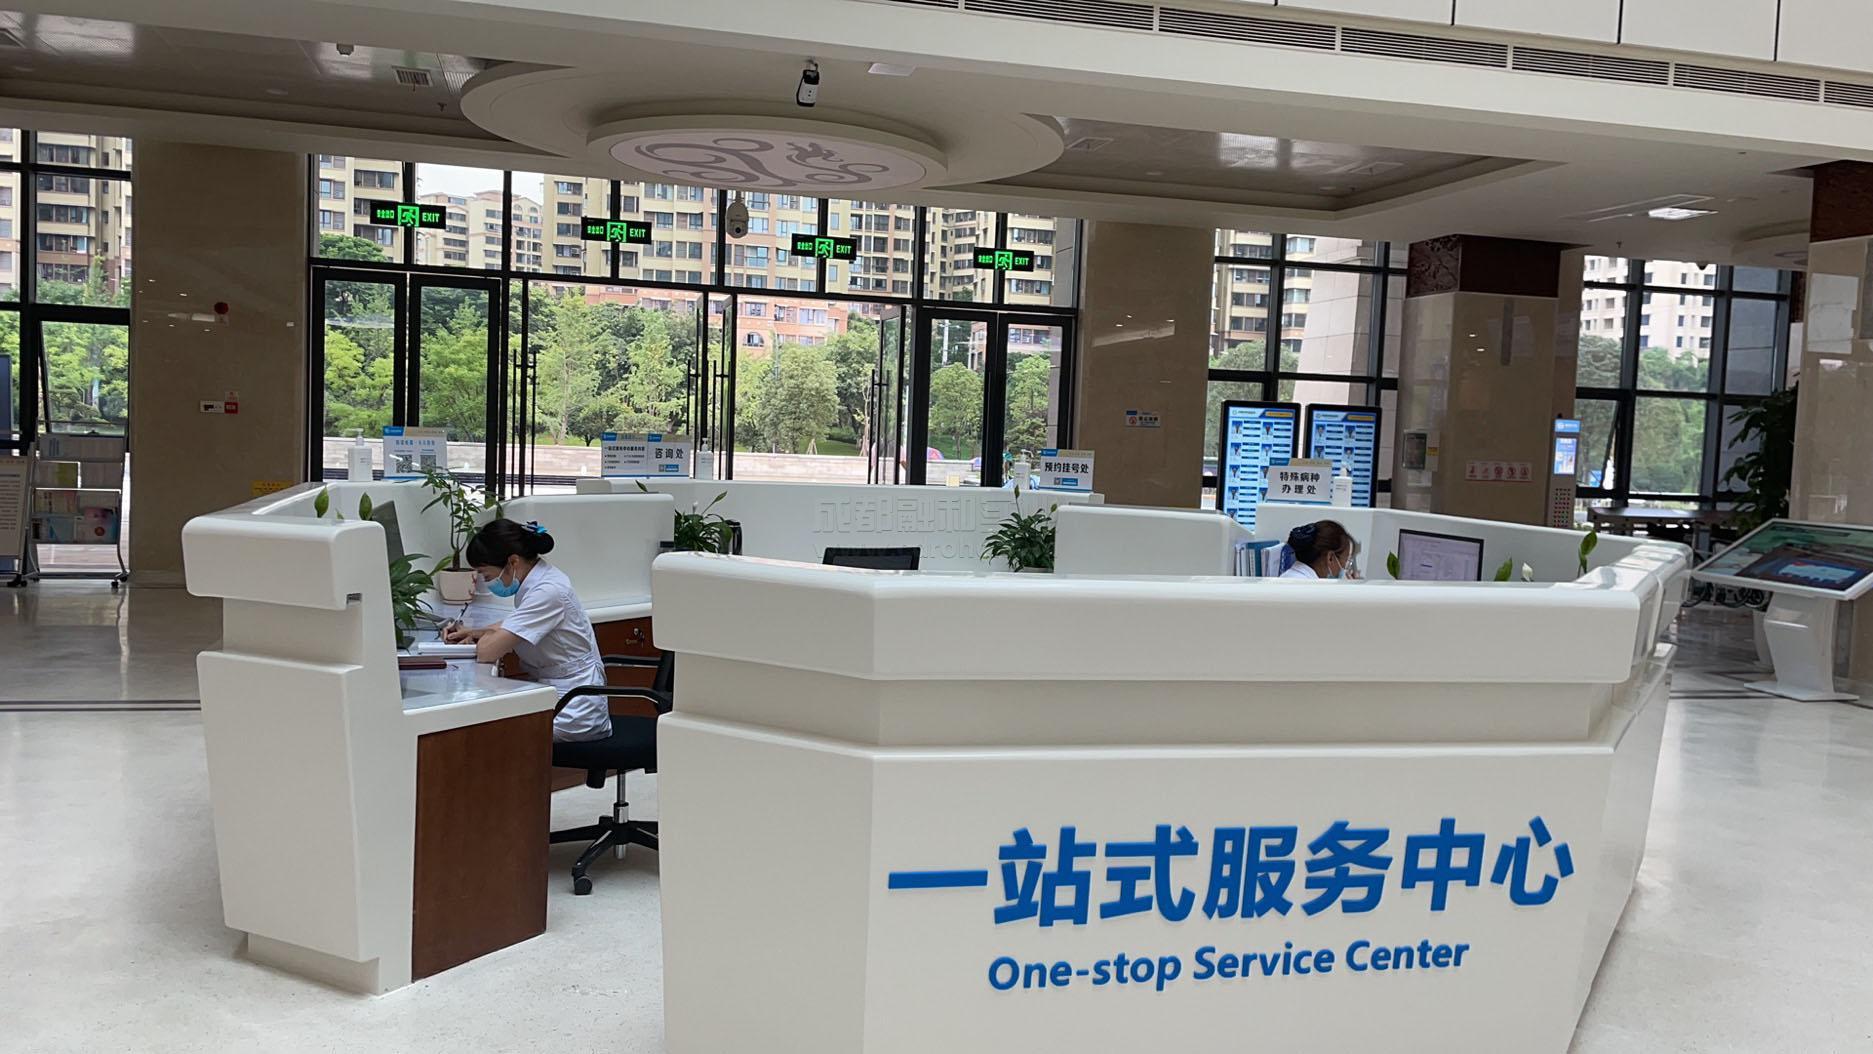 智慧医院前台预约咨询及门诊信息发布系统